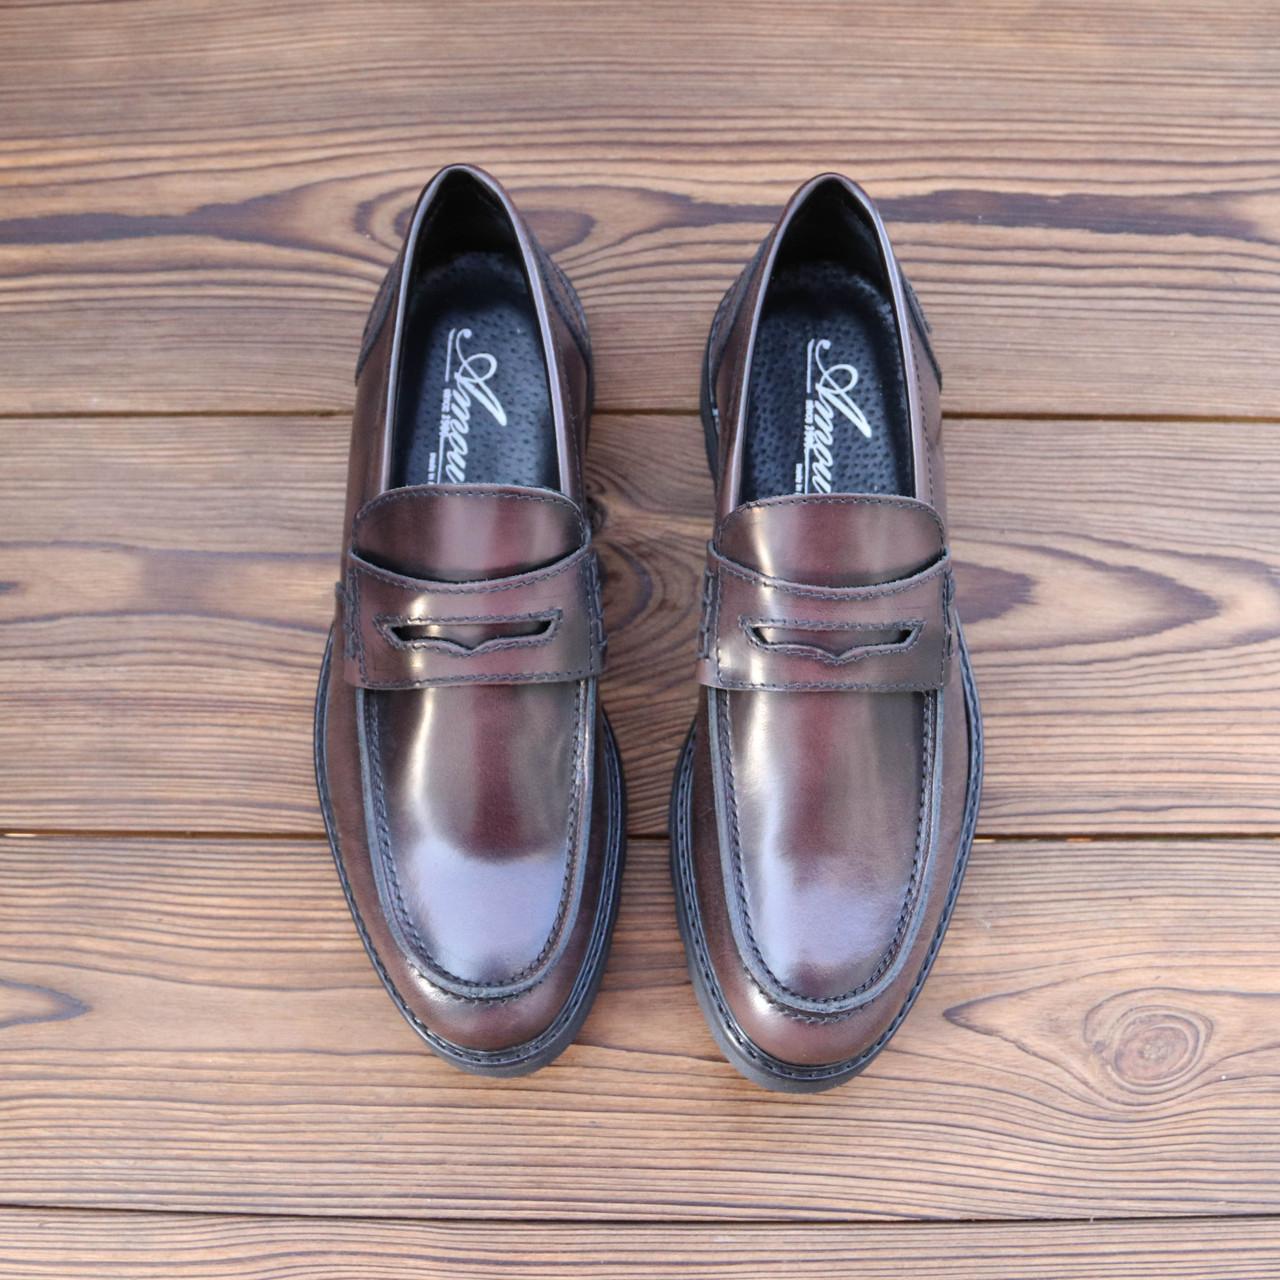 53b0015d8 Итальянские мужские кожаные туфли лоферы 40 размер - Интернет магазин  обуви: ''Brogue Shop